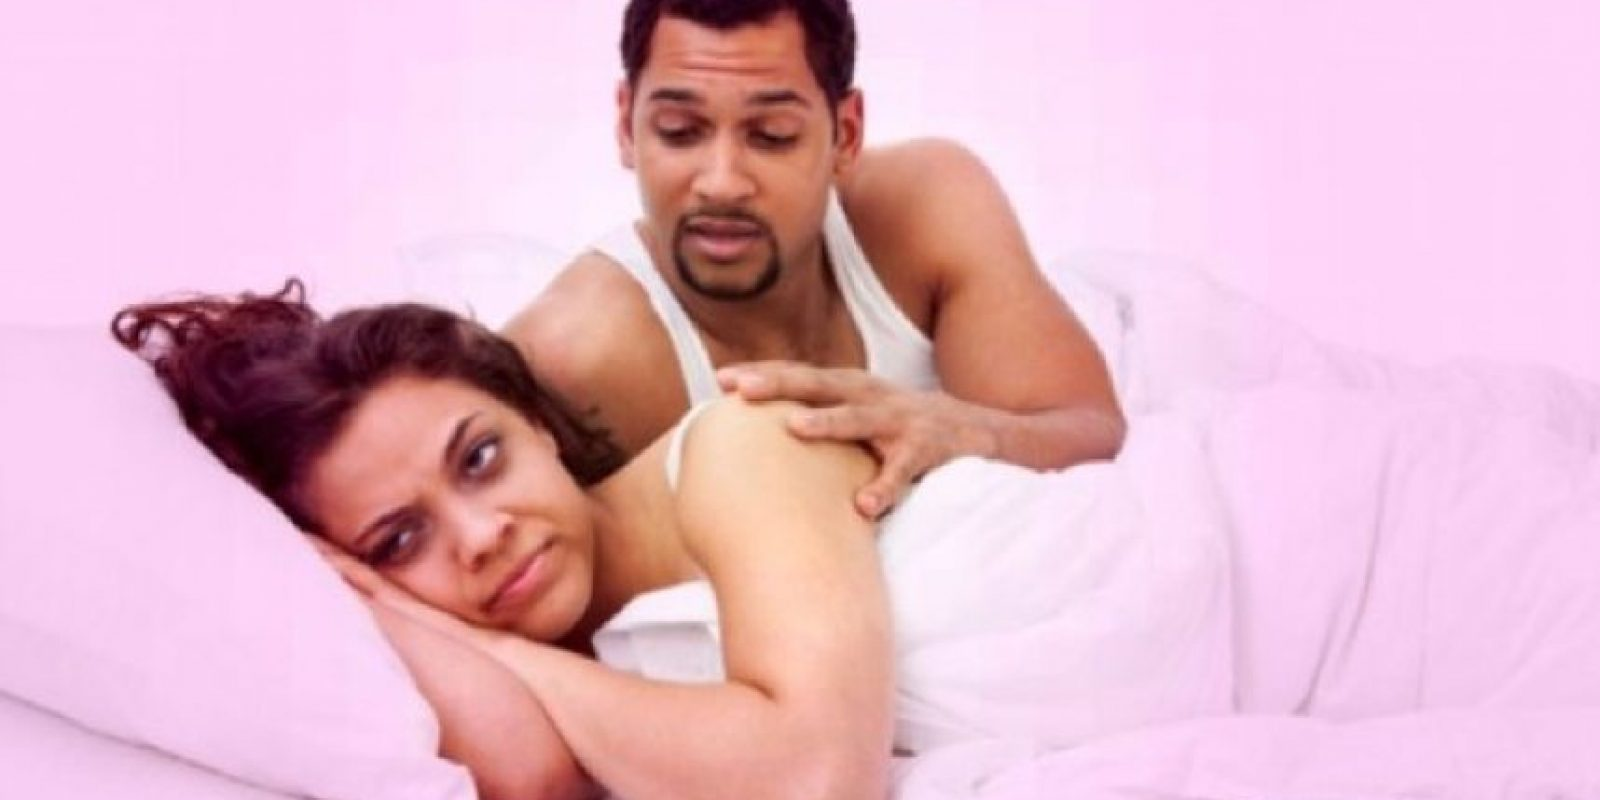 El sexo fuerte siempre ha querido representar autoridad, por ello pretende eliminar a quienes no pertenezcan a su familia. Foto:Tumblr.com/Tagged-mujer-infiel